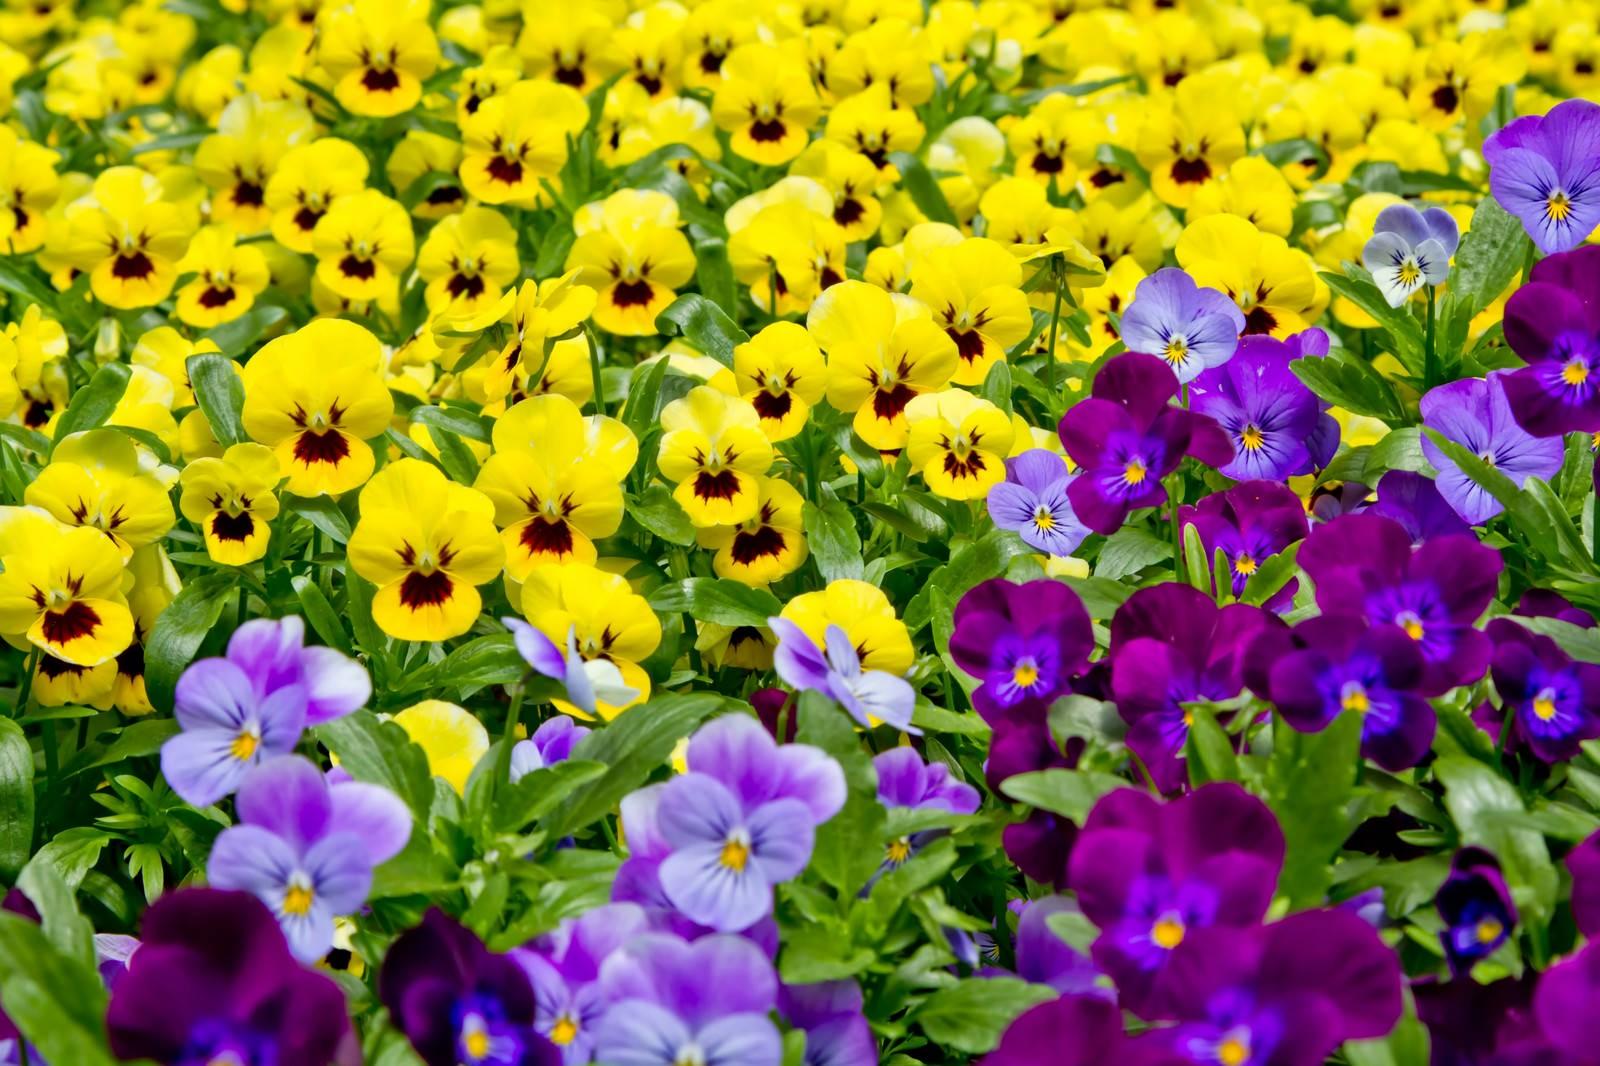 「黄色と紫のパンジー」の写真